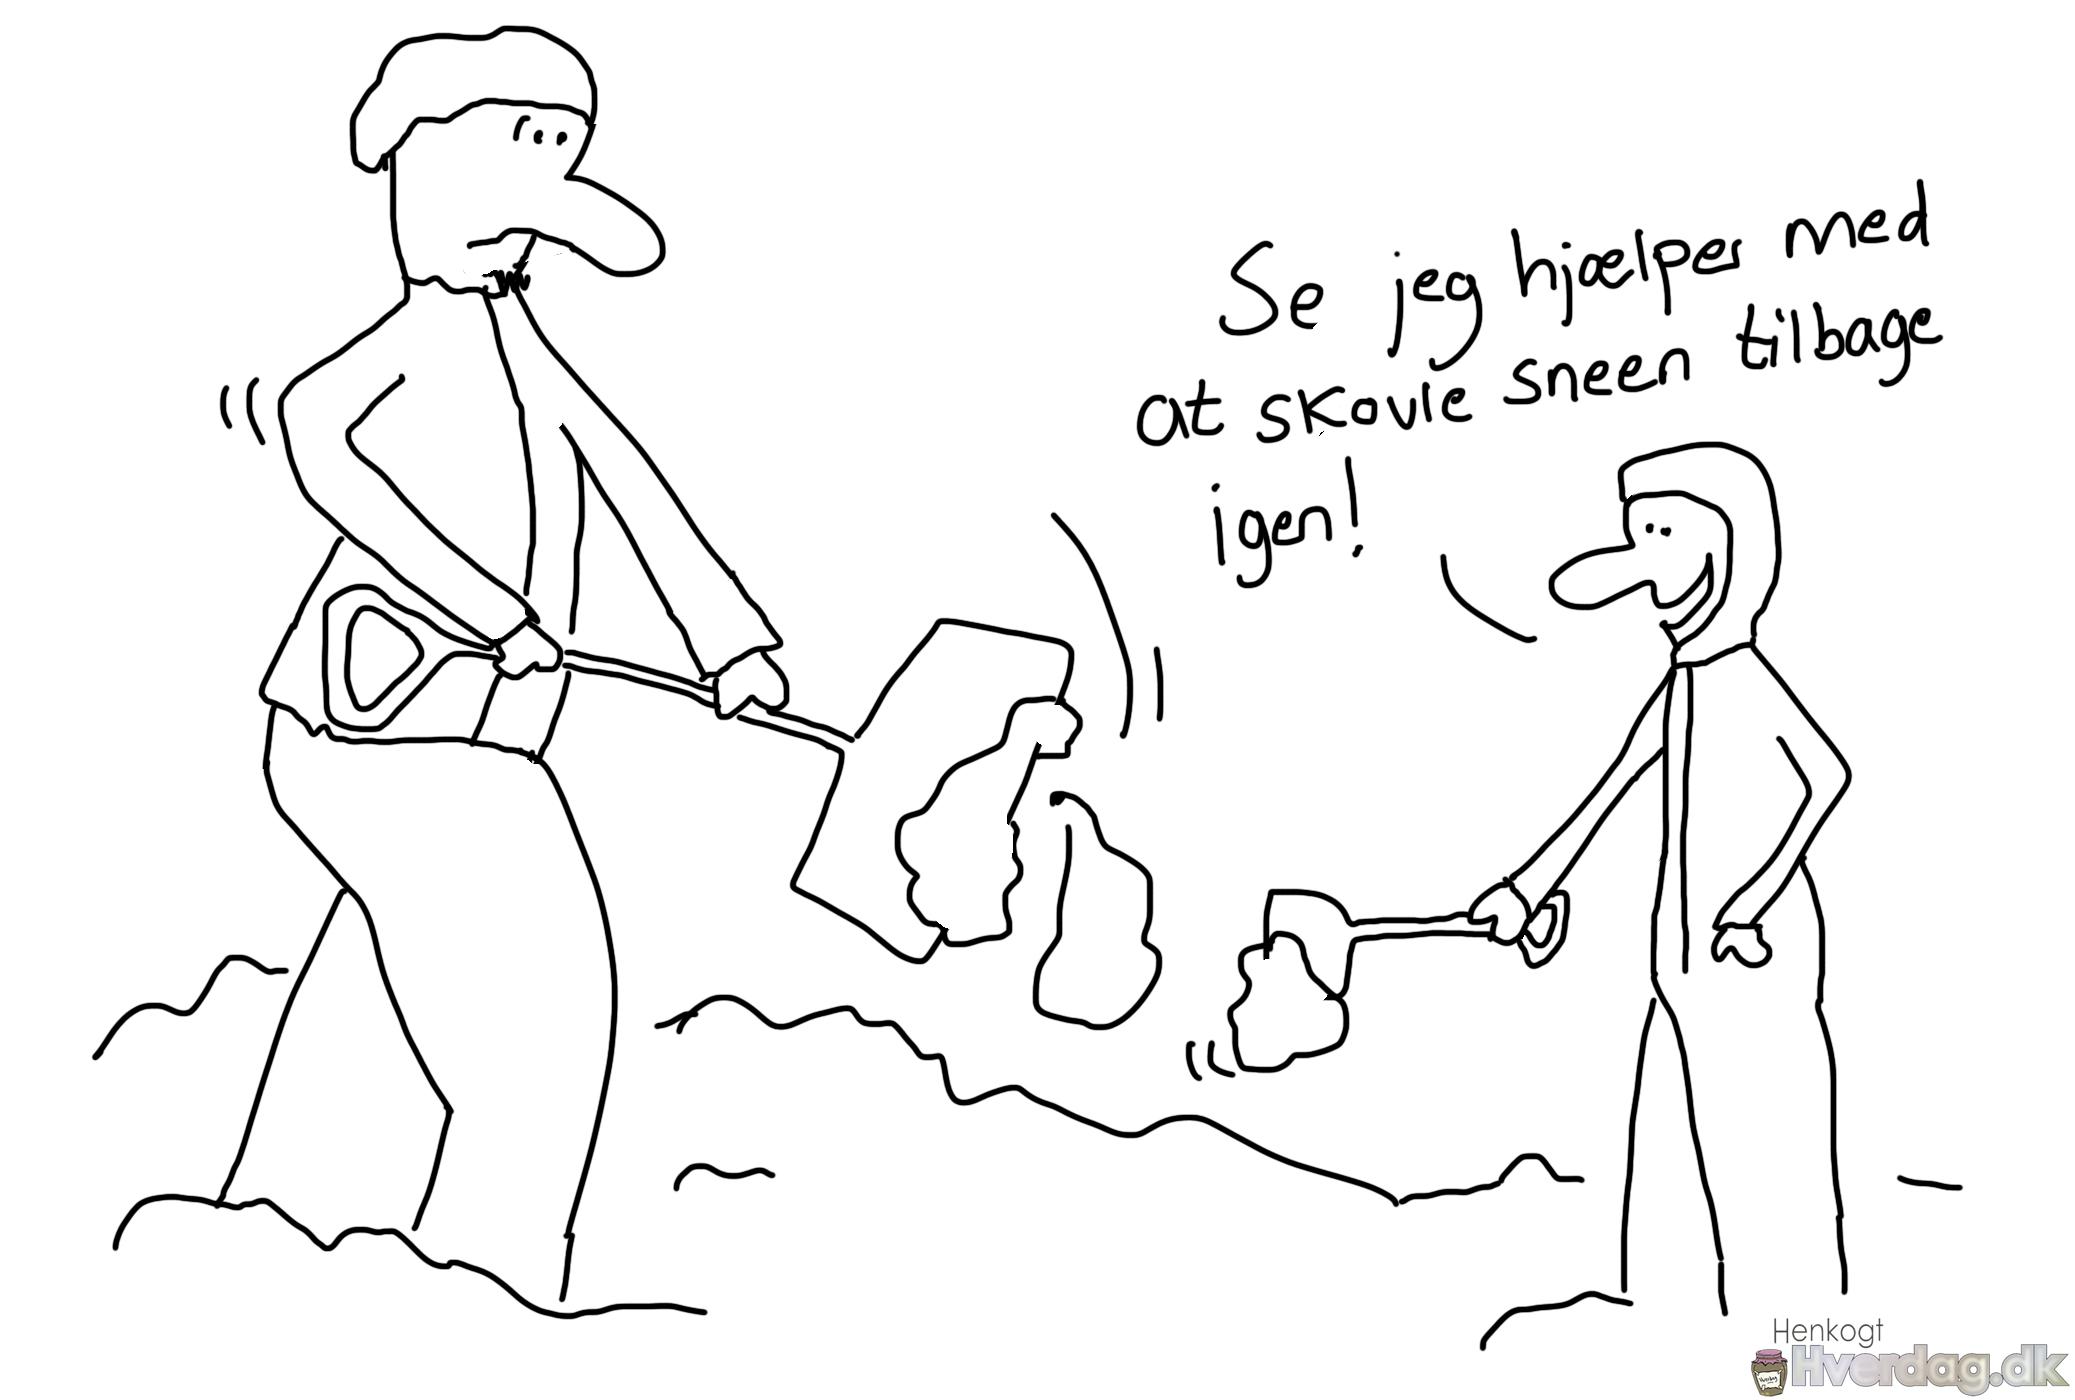 sne-hjælp